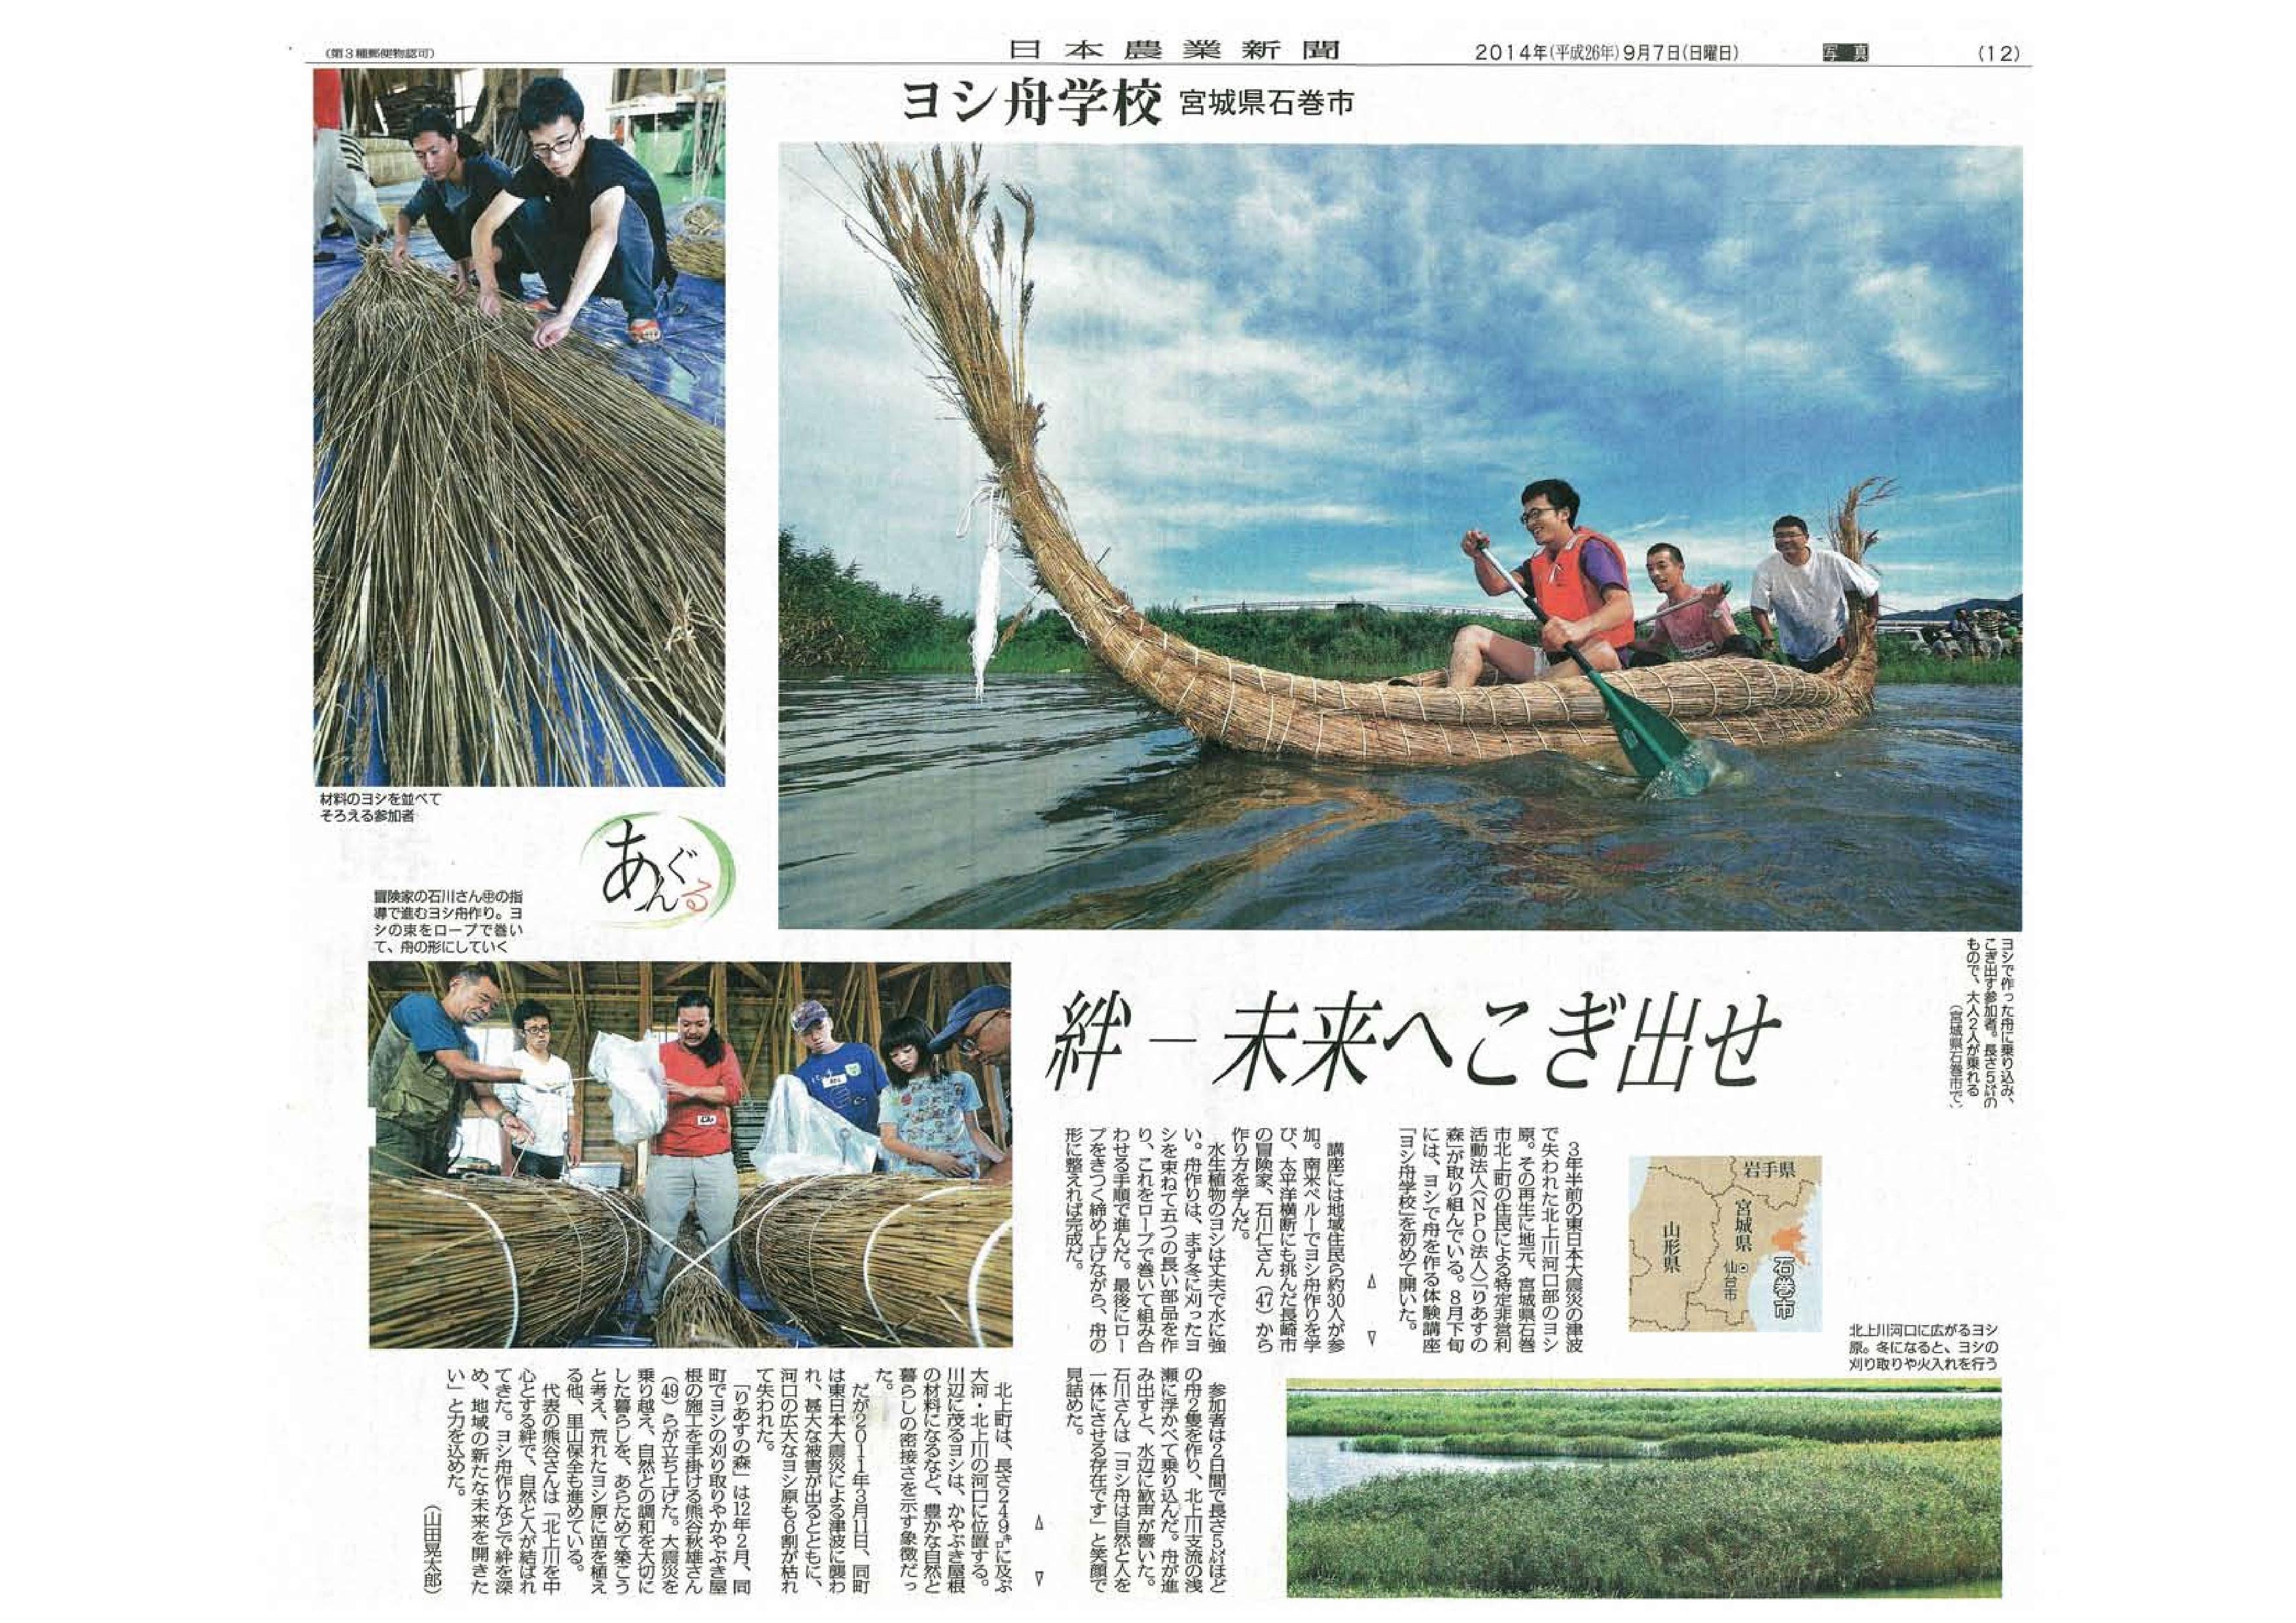 20140907農業新聞 ヨシ船 (1)